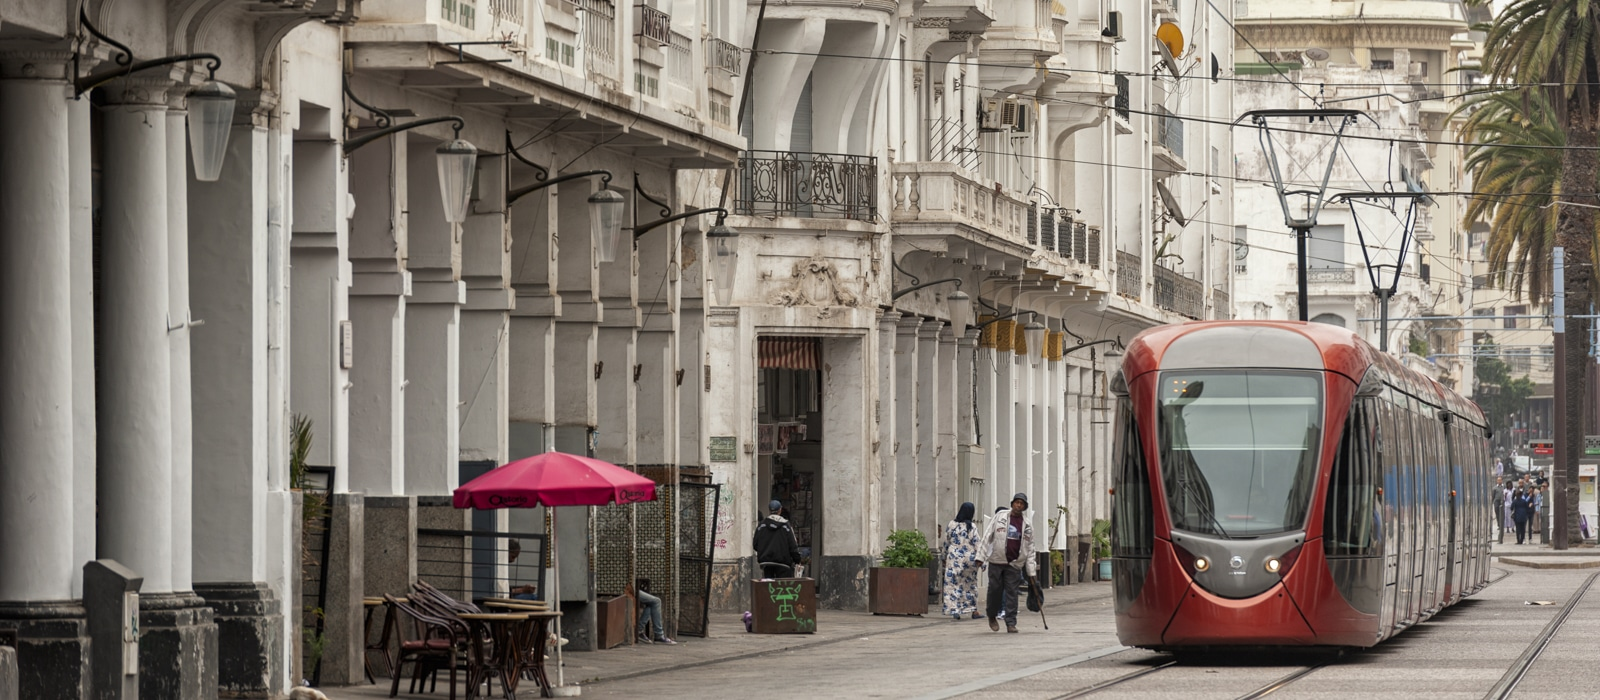 Voyage organisé en petit groupe - Casablanca - Maroc - Agence de voyage Les Routes du Monde